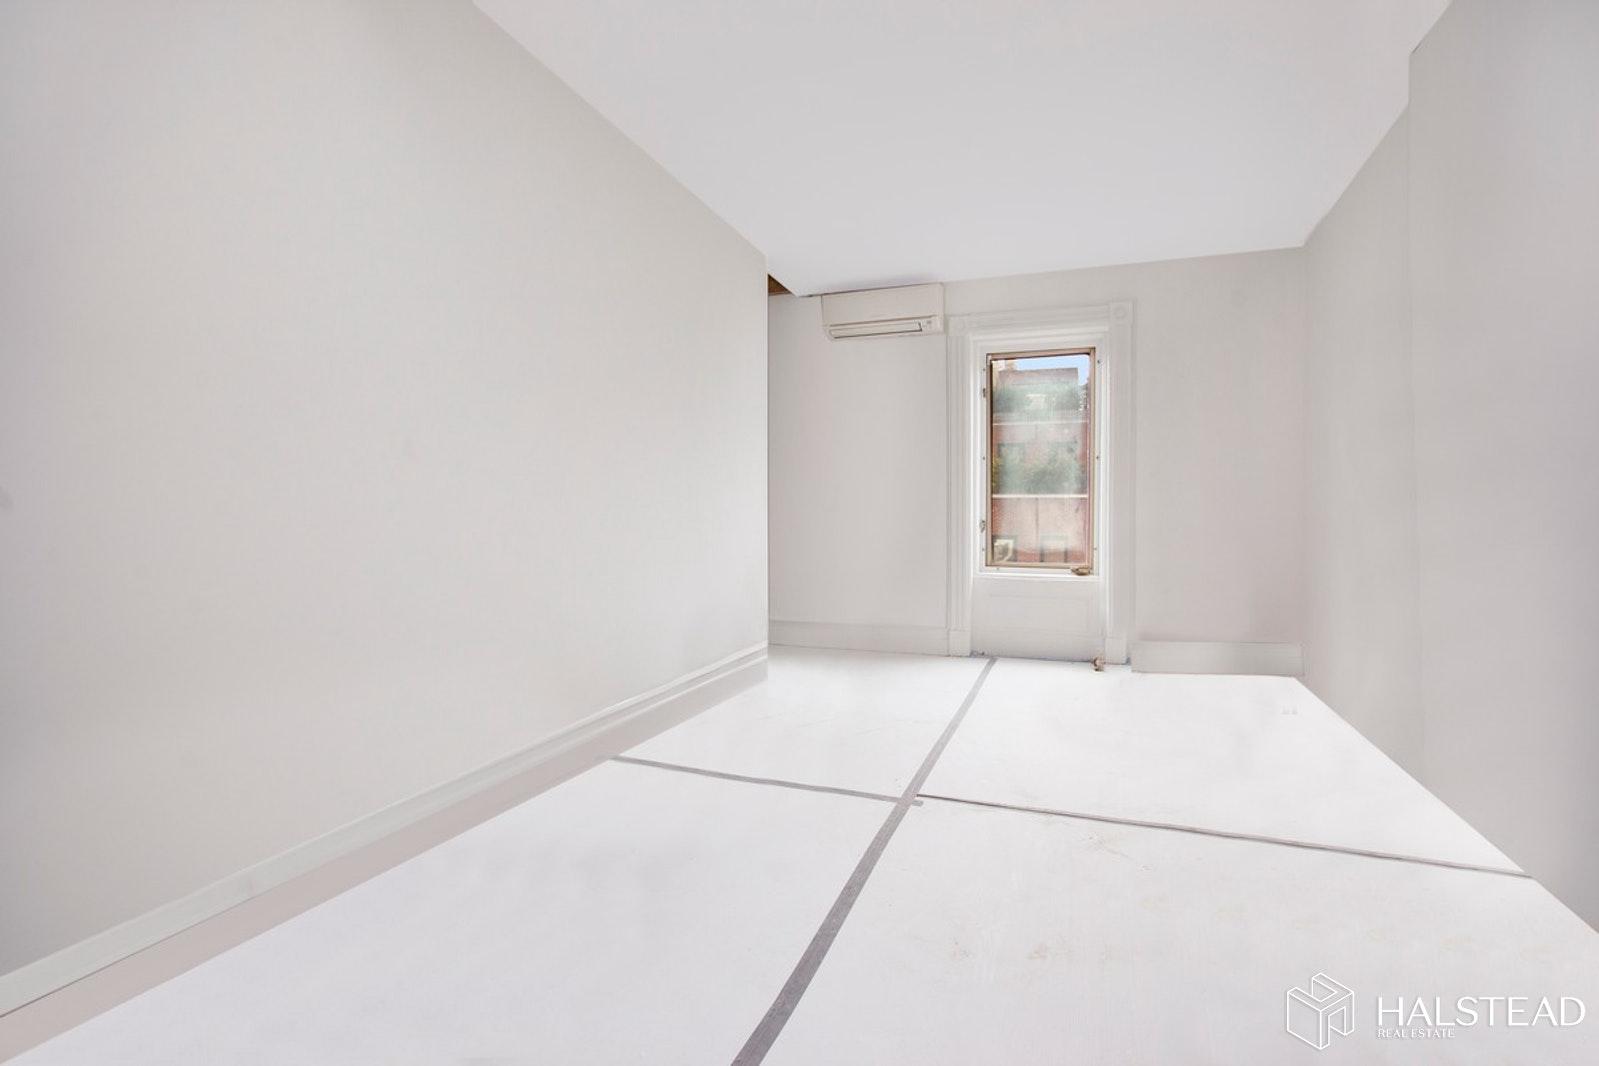 136 WEST 78TH STREET 4, Upper West Side, $795,000, Web #: 20039514